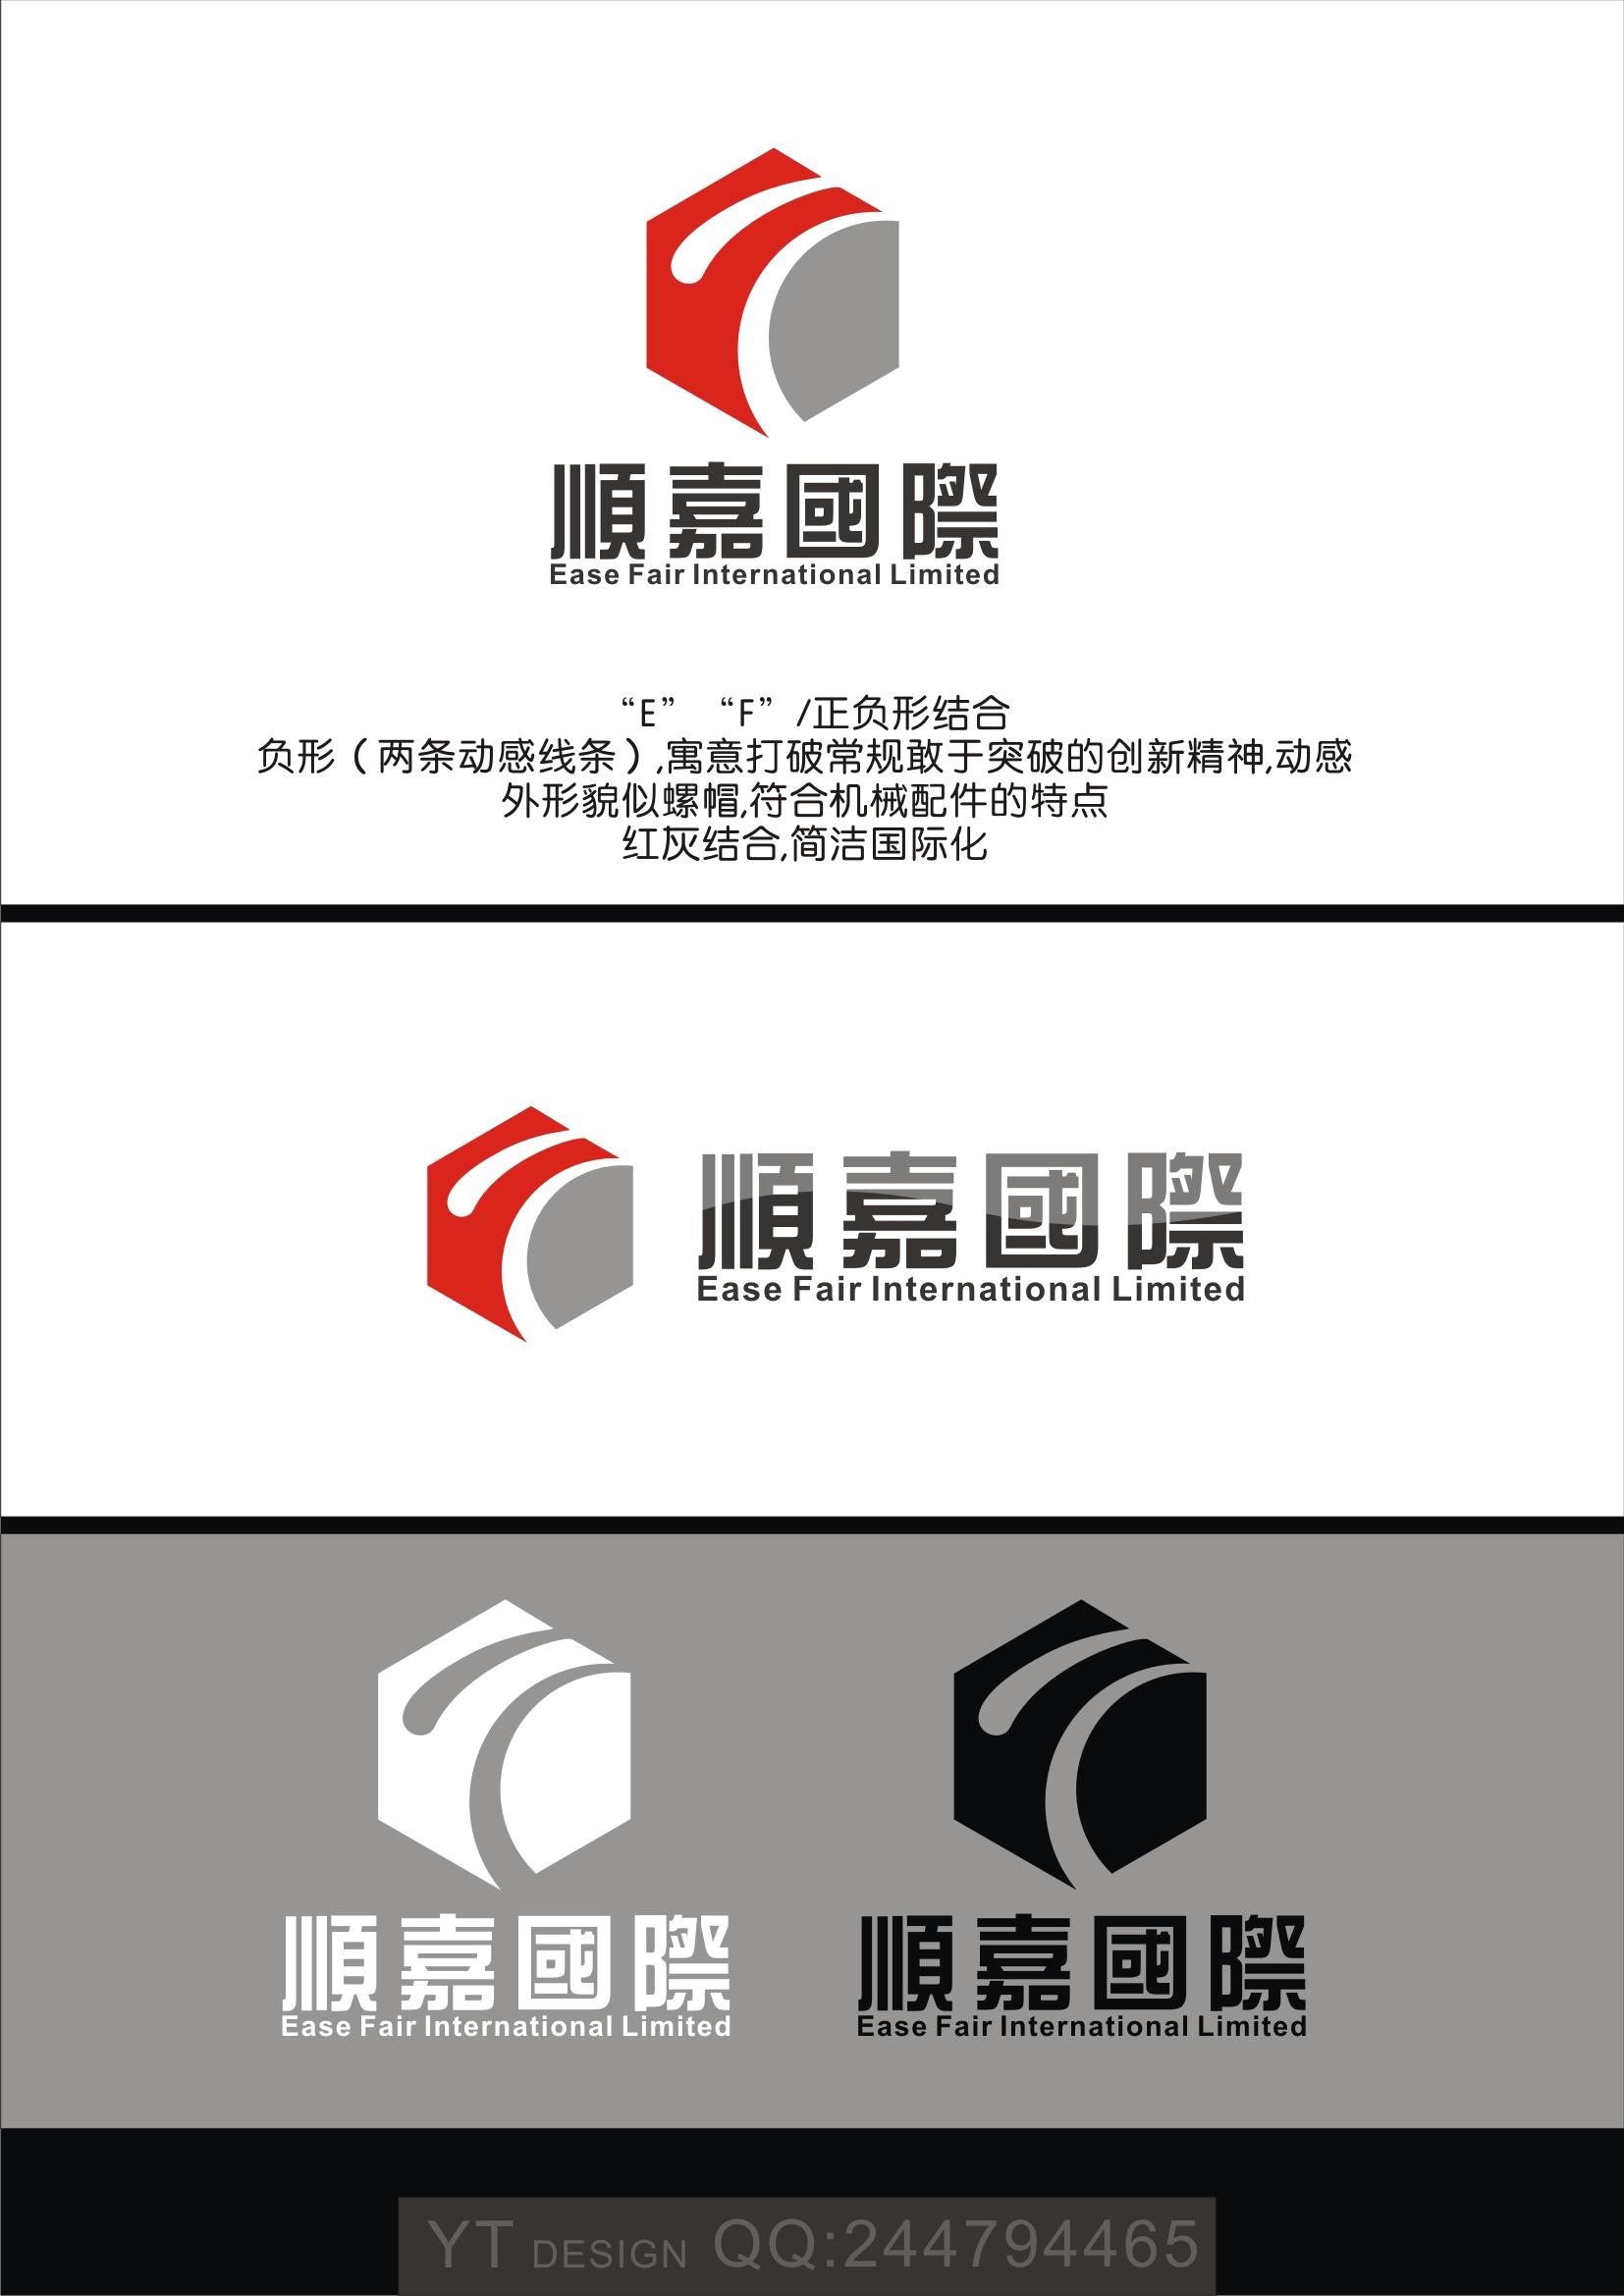 国际贸易公司logo设计